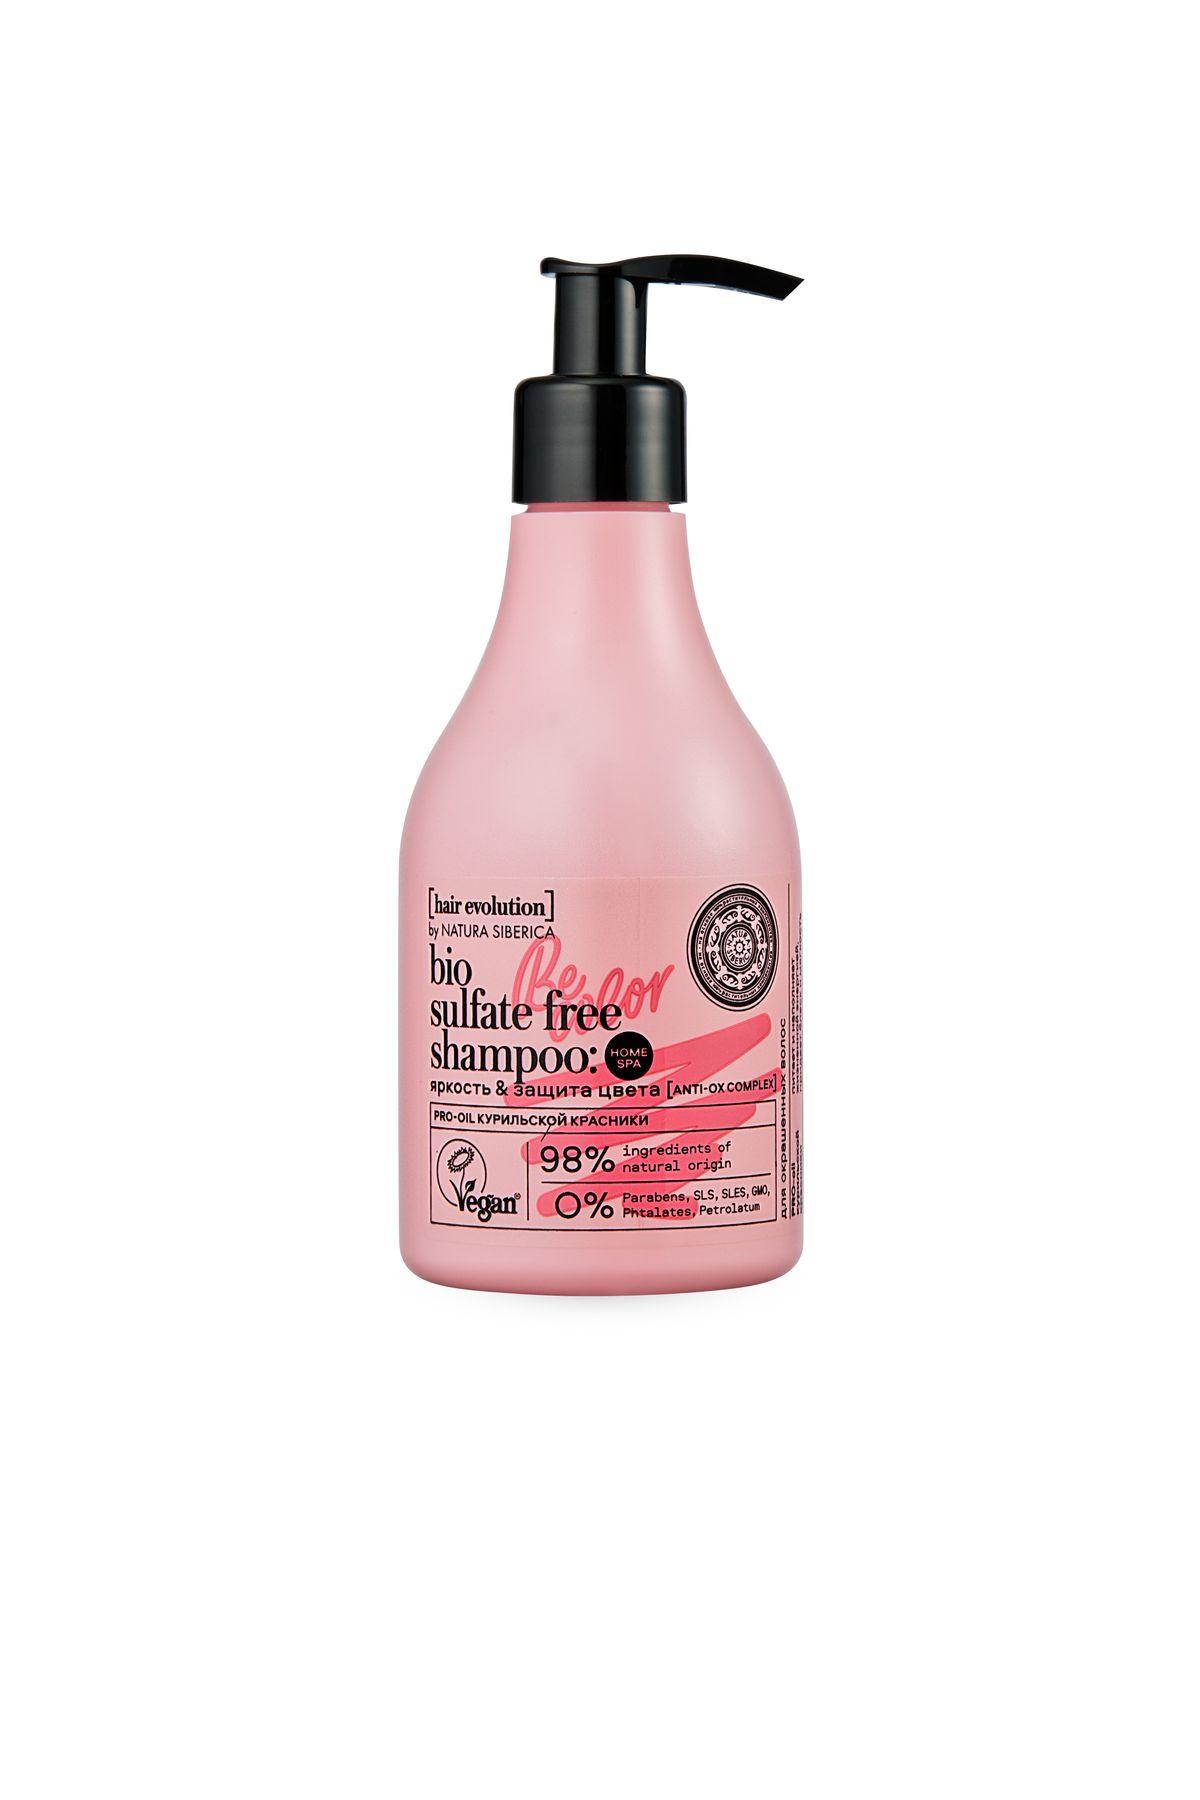 Купить Natura Siberica Hair Evolution Шампунь для волос BE-COLOR. Яркость & защита цвета , 250 мл (shop: Organic-shops Organic shops)